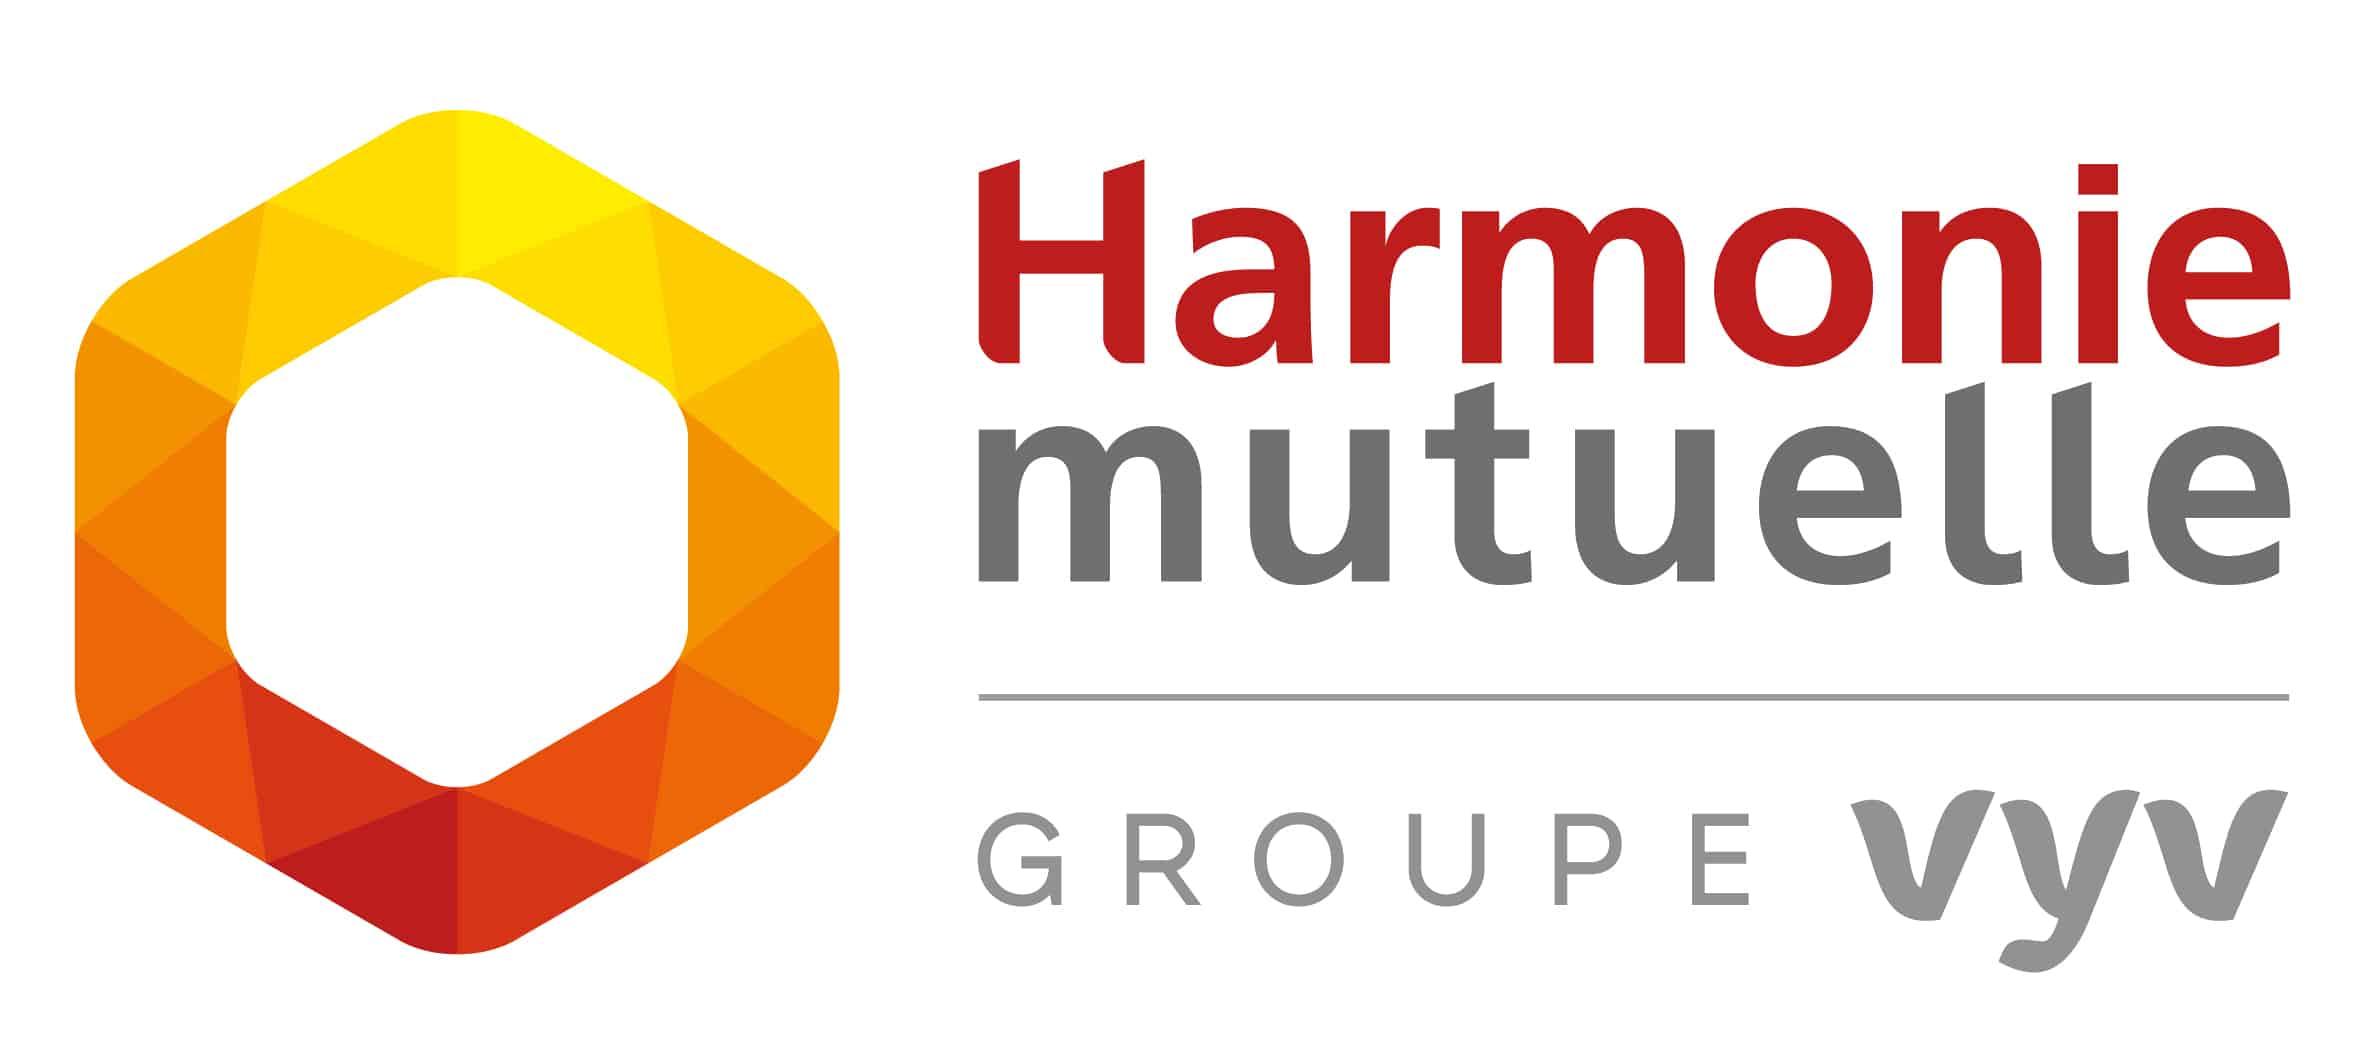 harmonie mutuelle - logo